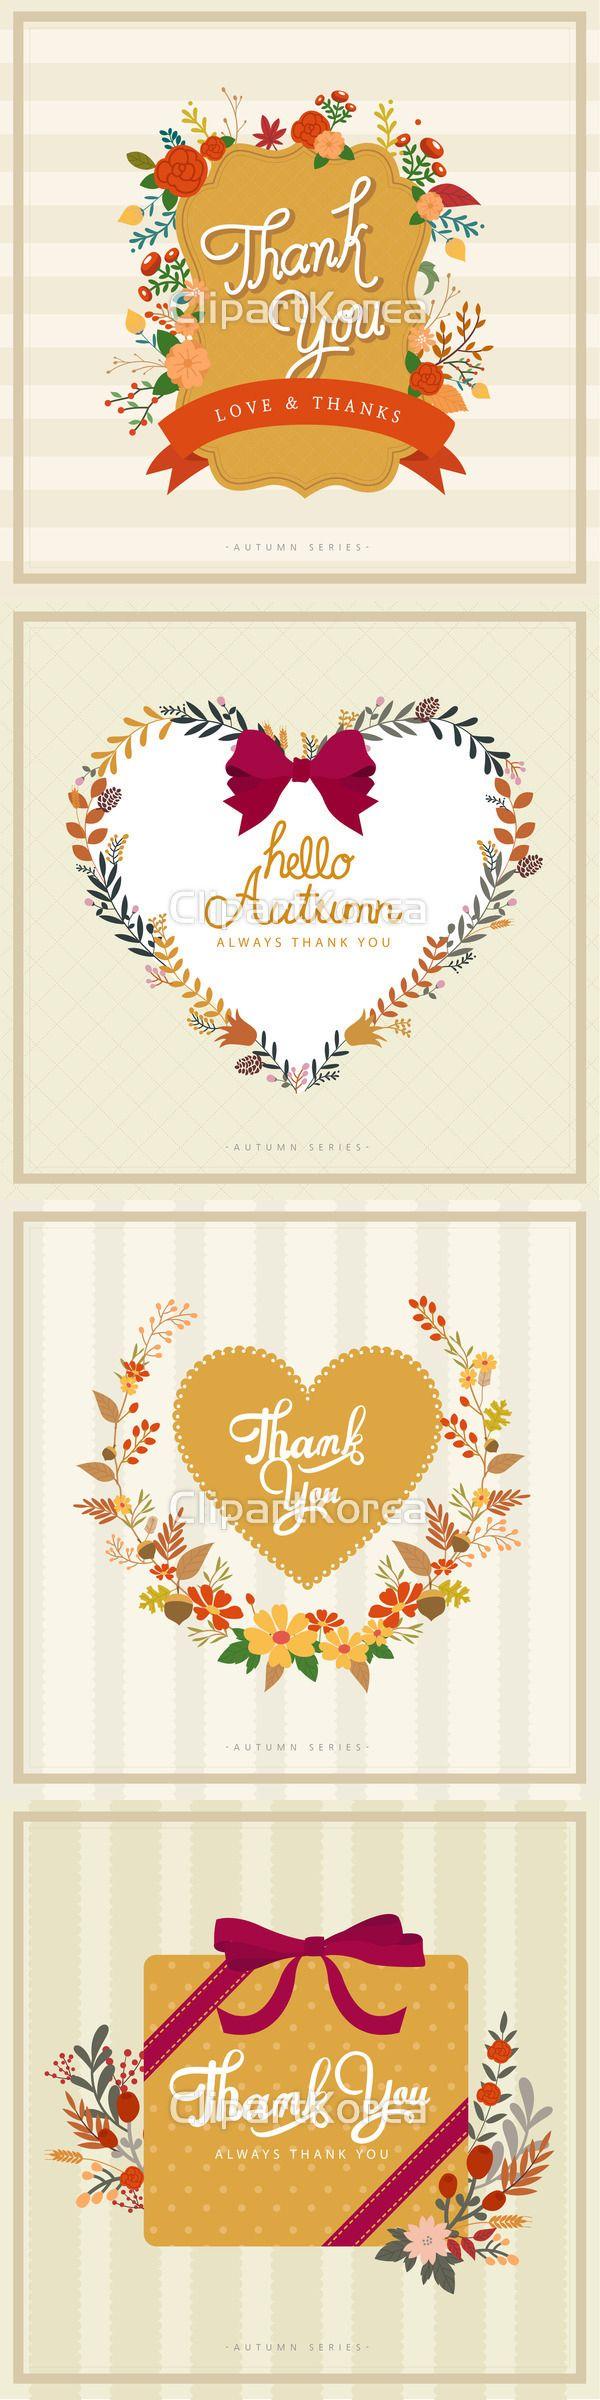 가을 감사 꽃 리본 메시지 물방울무늬 백그라운드 사람없음 사랑 선물 선물상자 일러스트 잎 장식 포장 프레임 Fall flower ribbon thank you message with polka dots background love gift box frame illustration leaf ornament packaging #이미지투데이 #imagetoday #클립아트코리아 #clipartkorea #통로이미지 #tongroimages